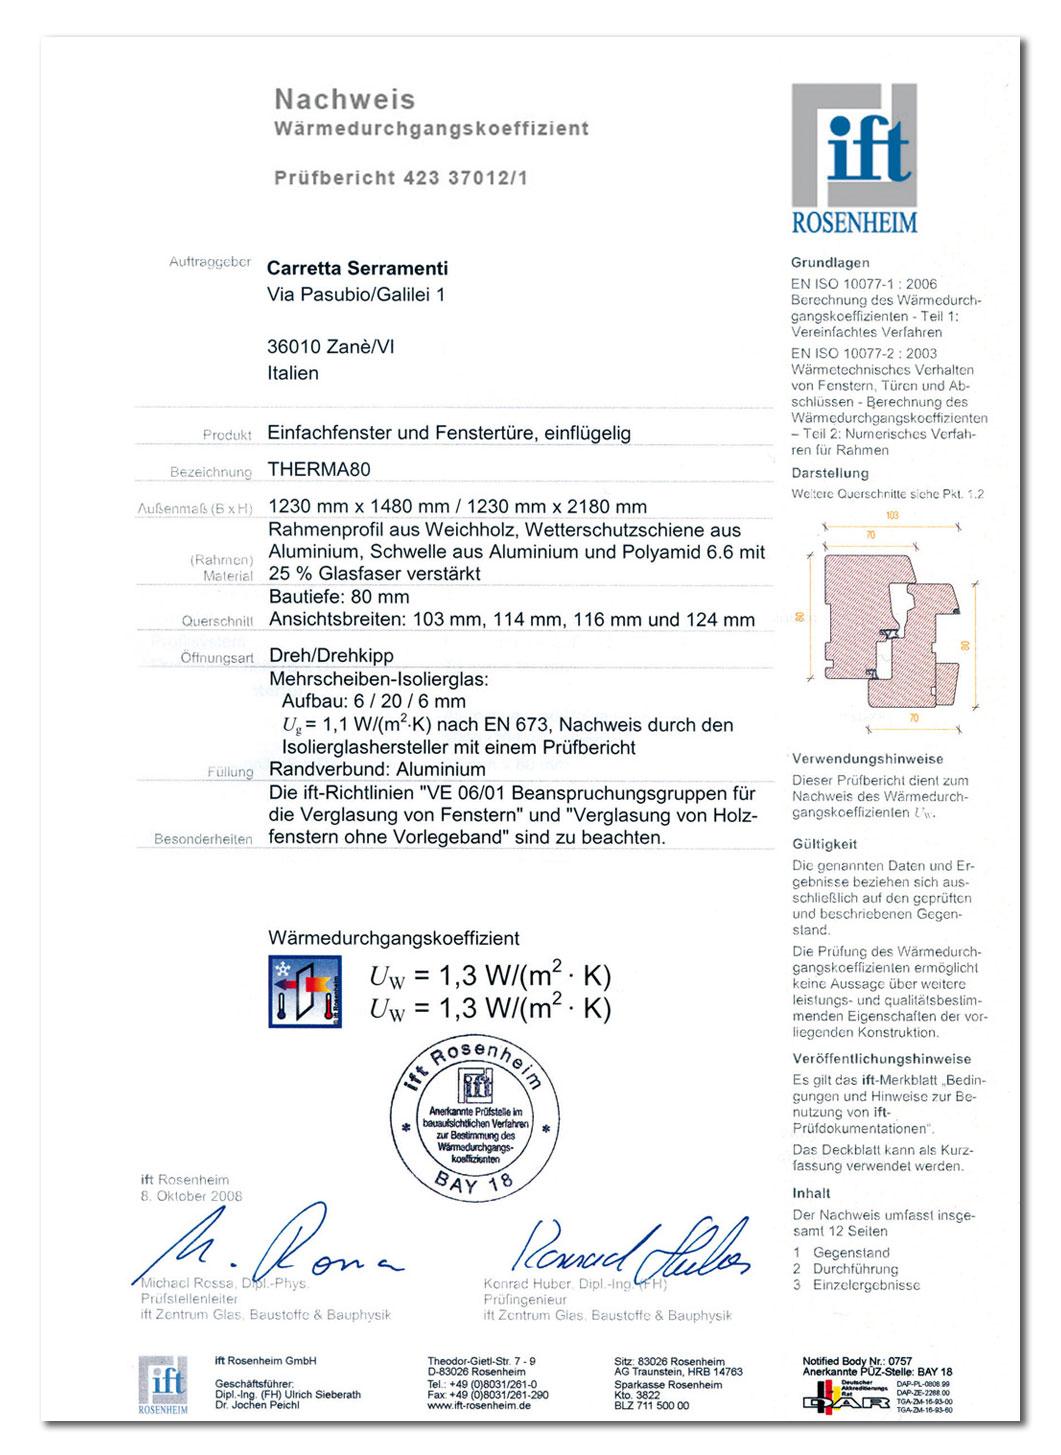 Carretta Serramenti Certificazione Ift Rosenheim